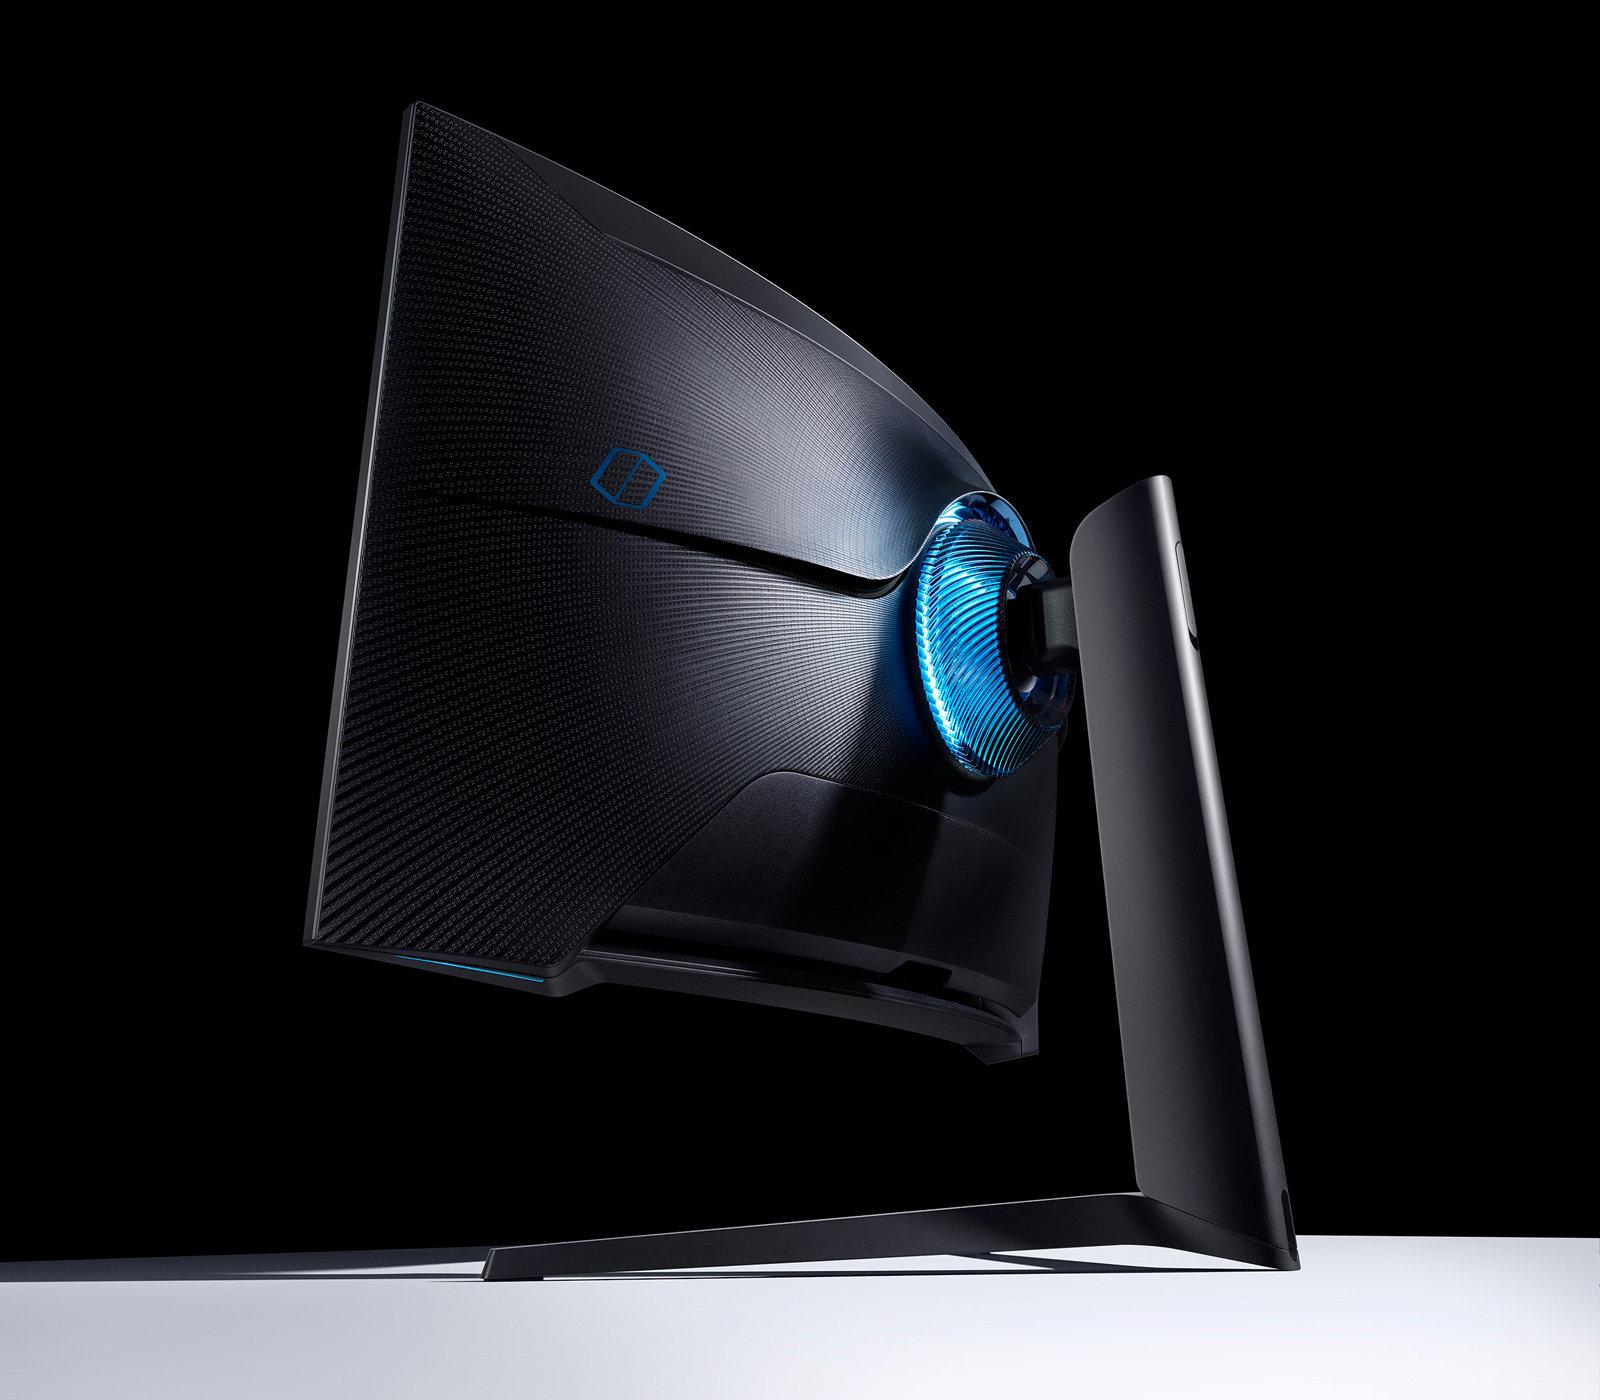 Samsung ra mắt màn hình chơi game đầu tiên Odyssey 240Hz - 2